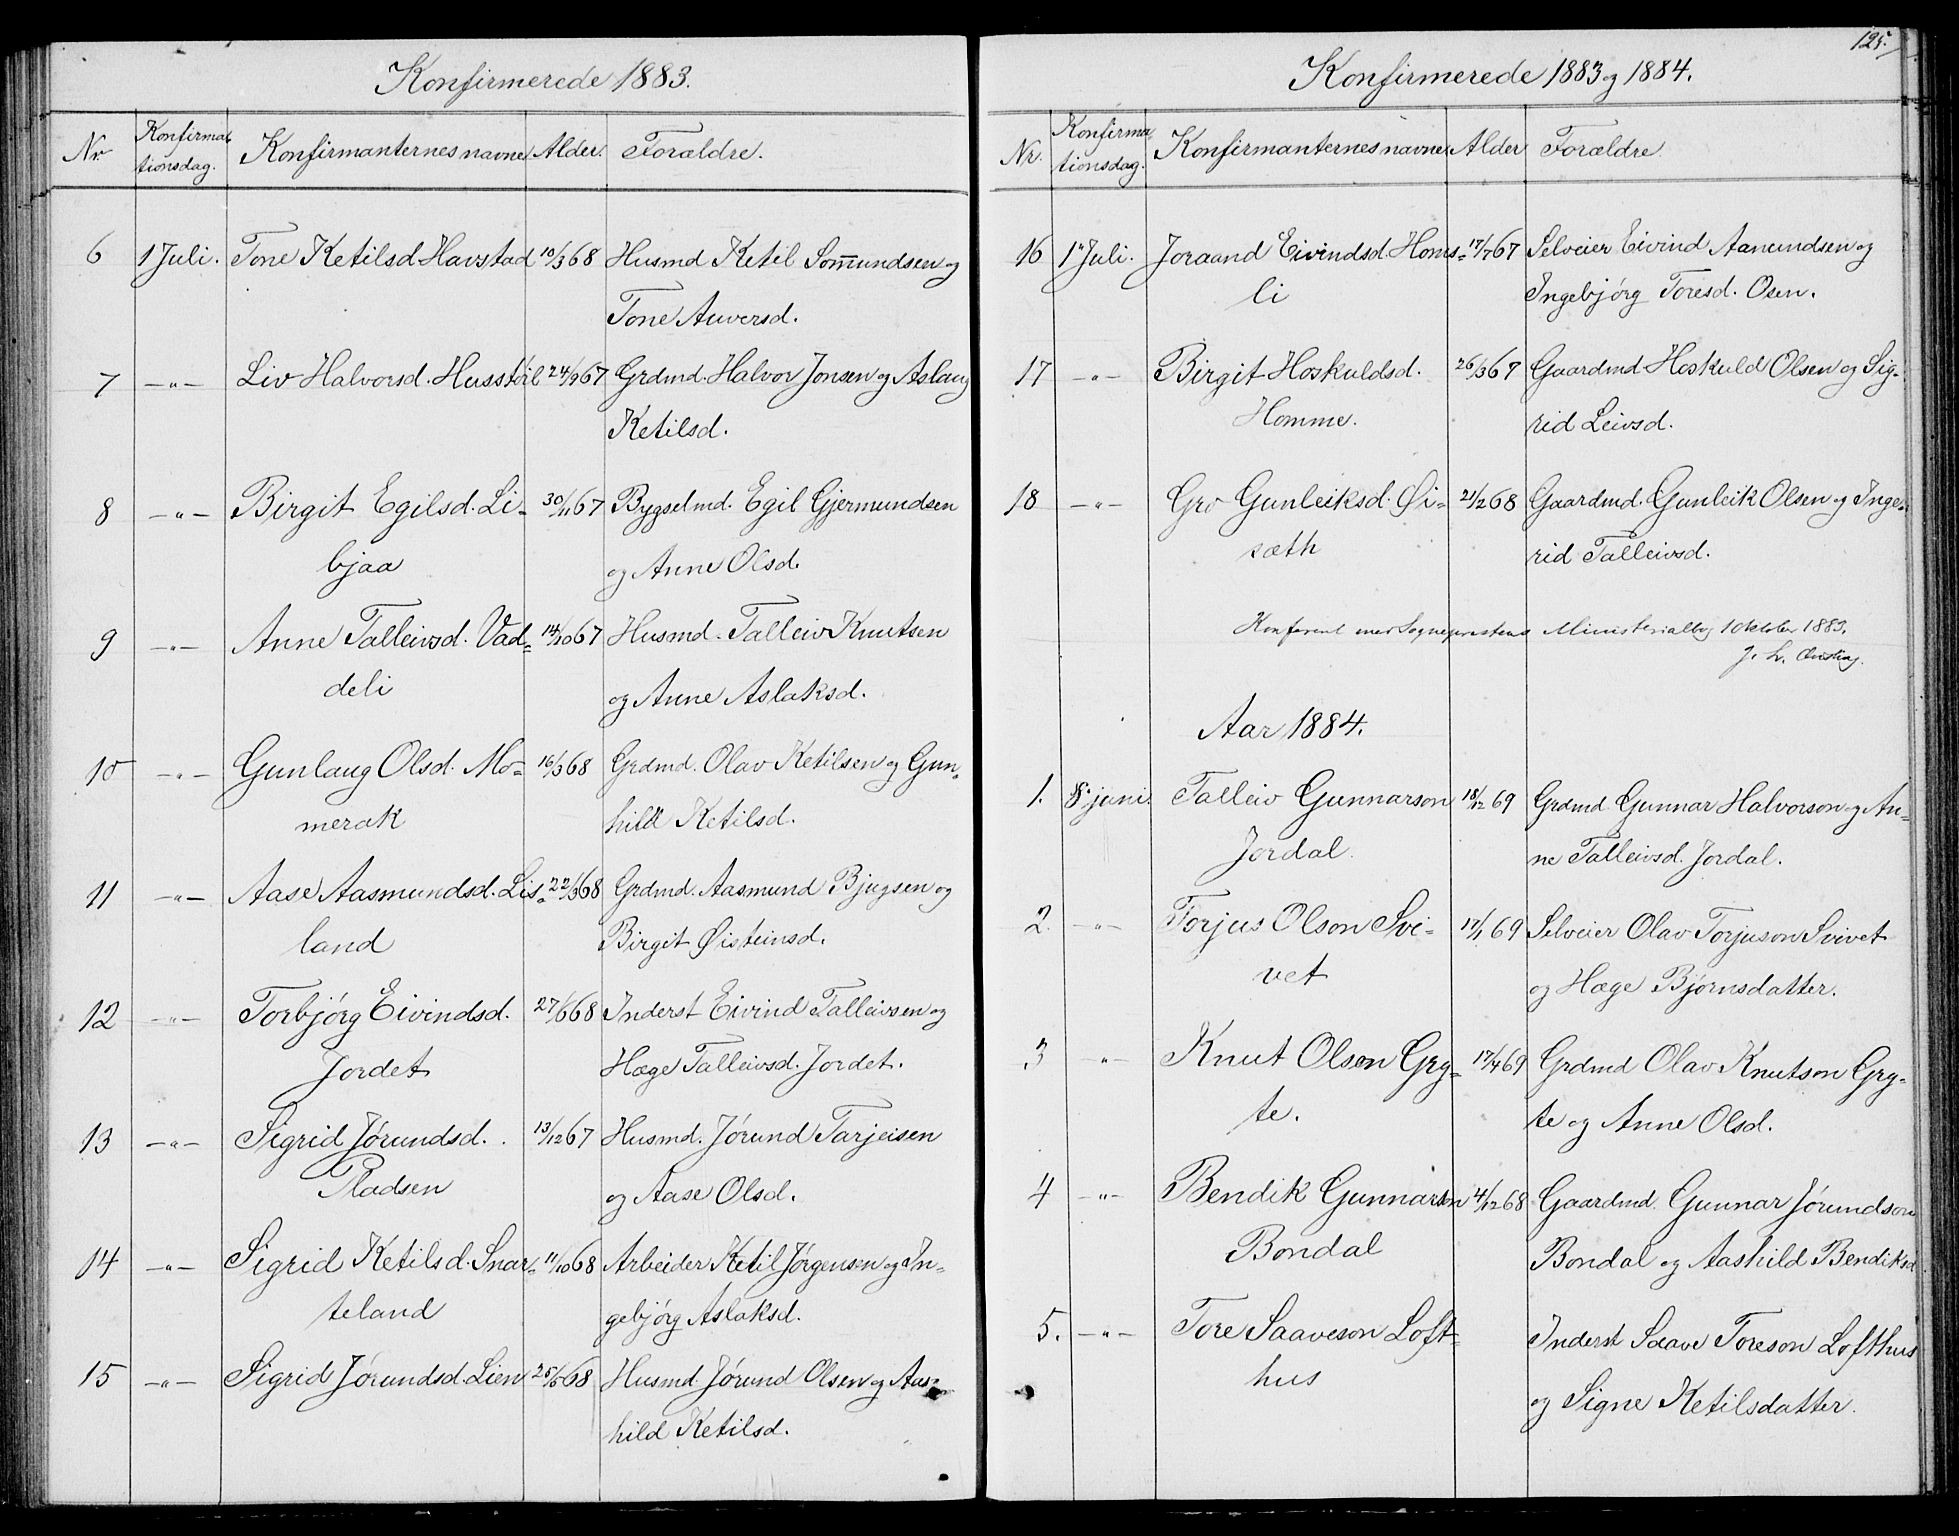 SAKO, Fyresdal kirkebøker, G/Ga/L0004: Klokkerbok nr. I 4, 1864-1892, s. 125